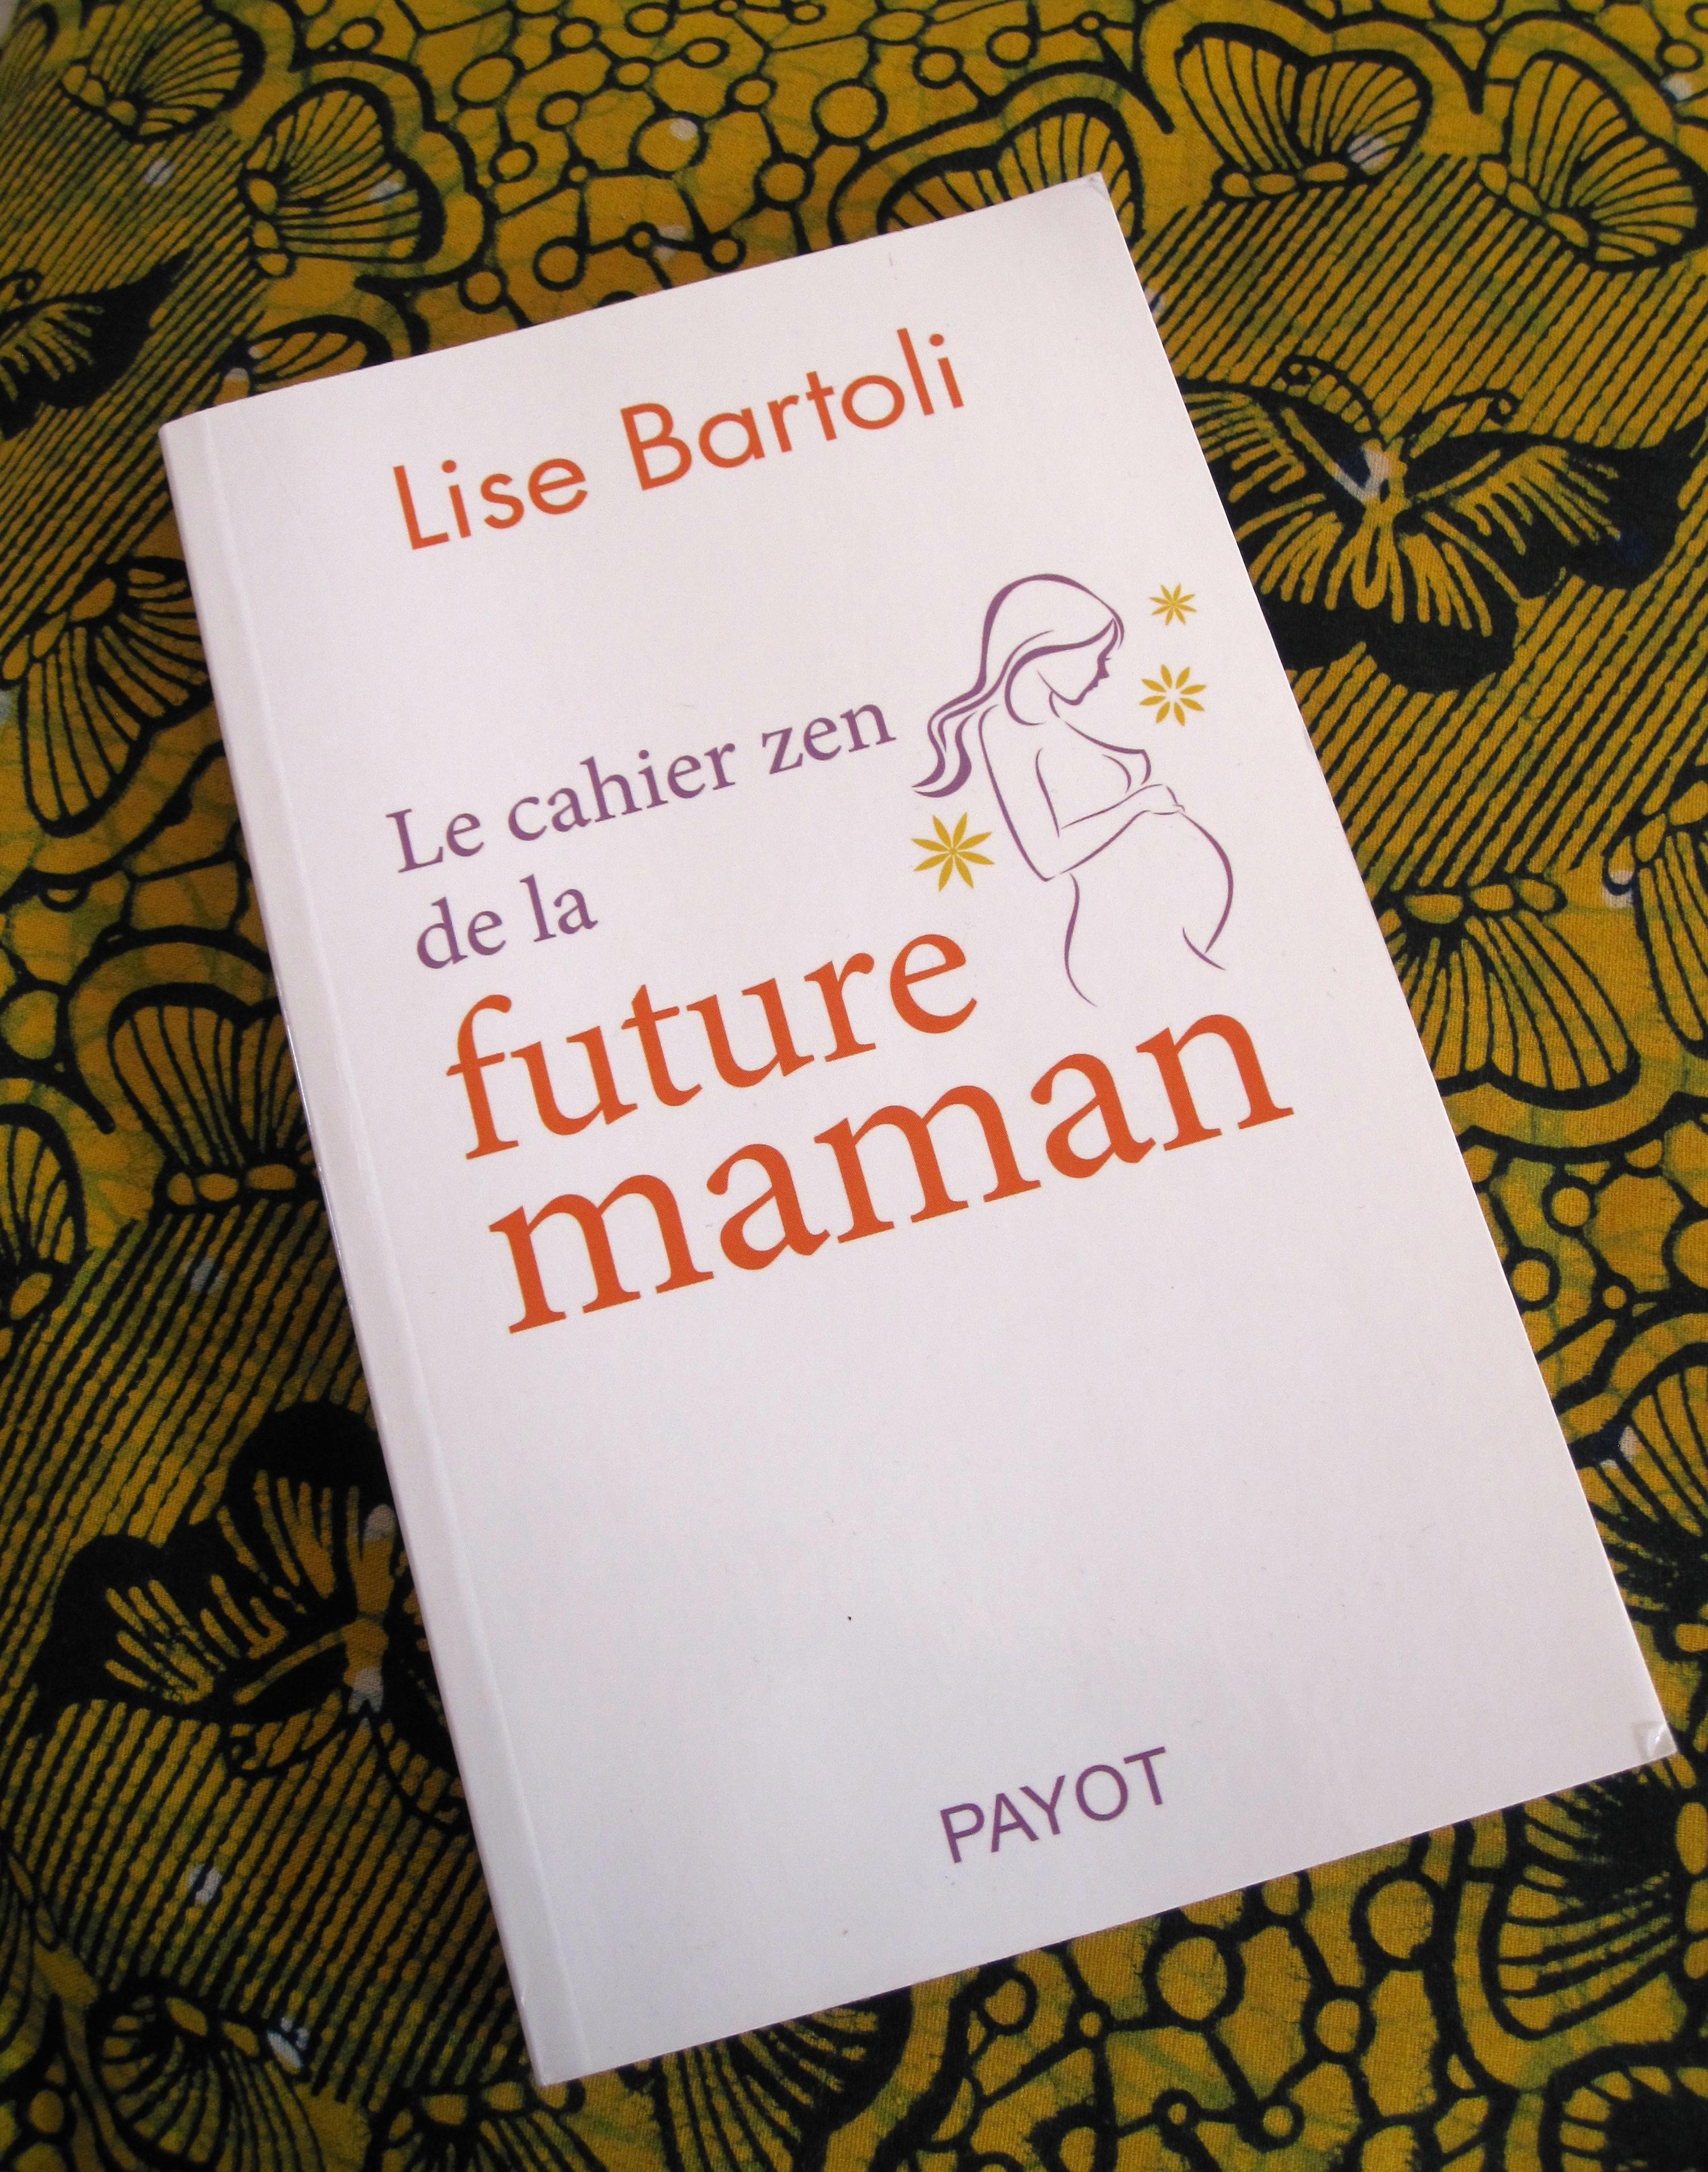 Le cahier zen de la future maman. Lise Bartoli